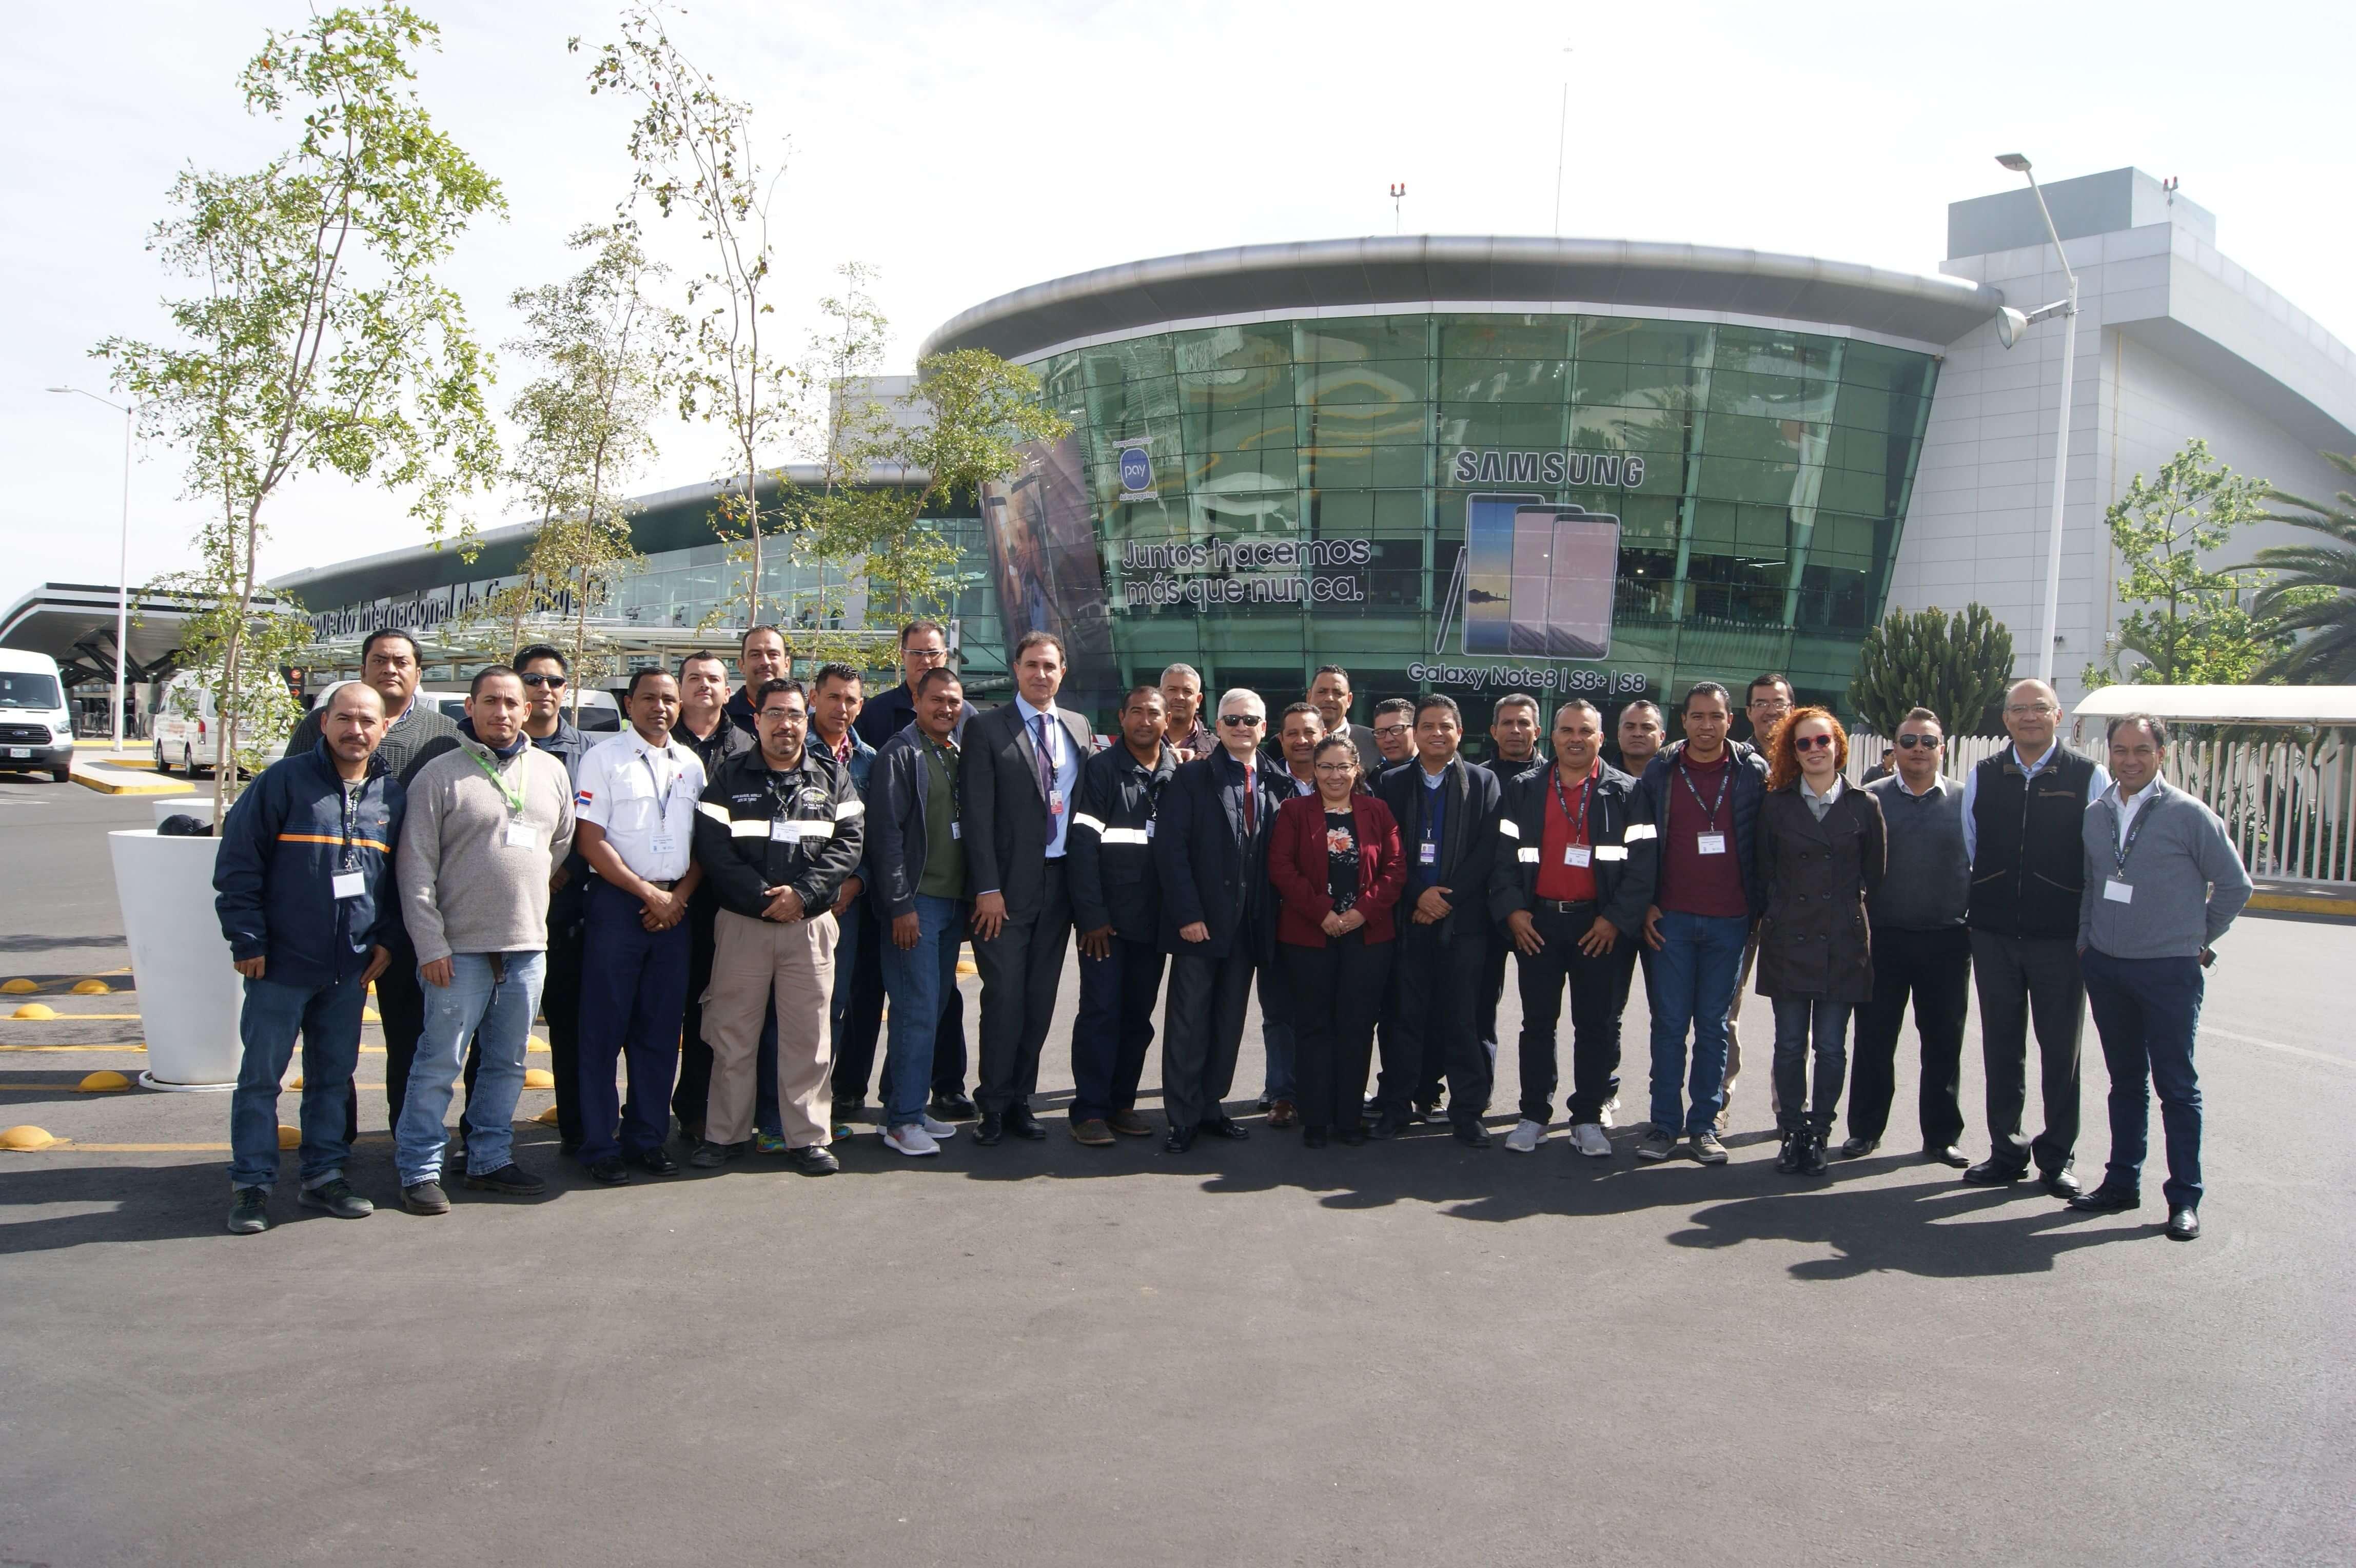 internalizacion1 - La Internacionalidad de la Escuela ITAérea Aeronautical Business School